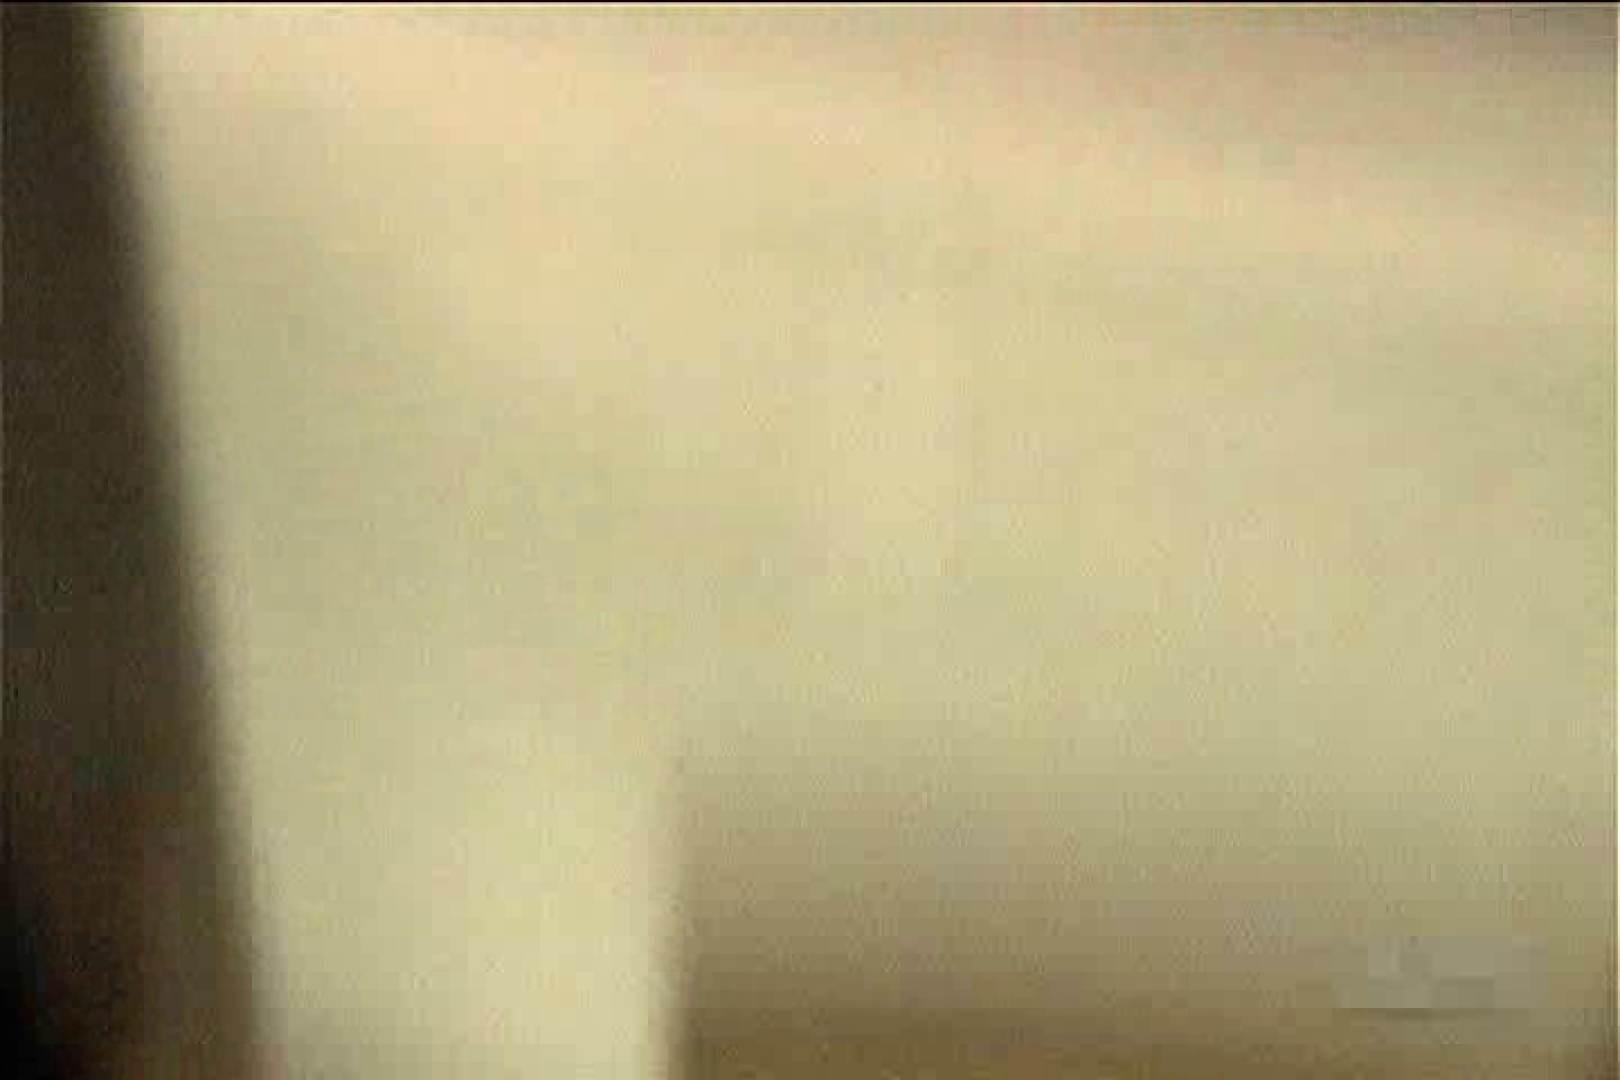 激撮ストーカー記録あなたのお宅拝見しますVol.8 すけべなカップル | すけべなOL  100画像 31